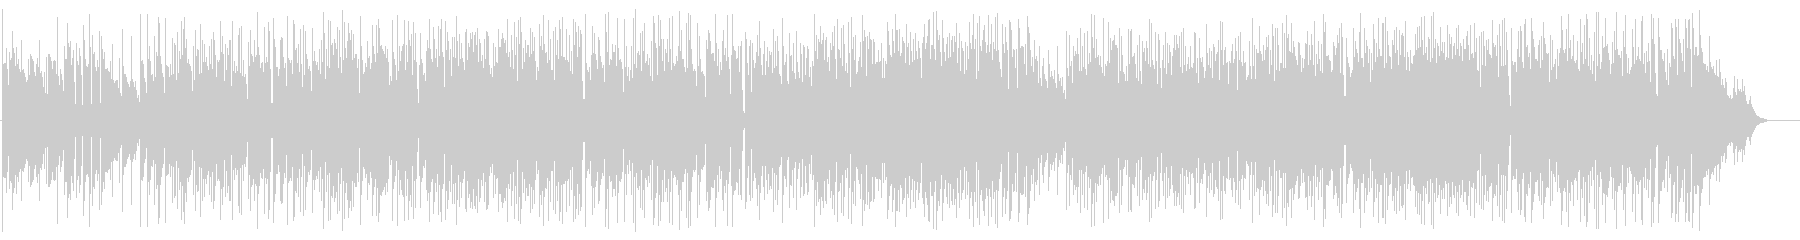 ギターメインのボサノバポップフュージョンの未再生の波形